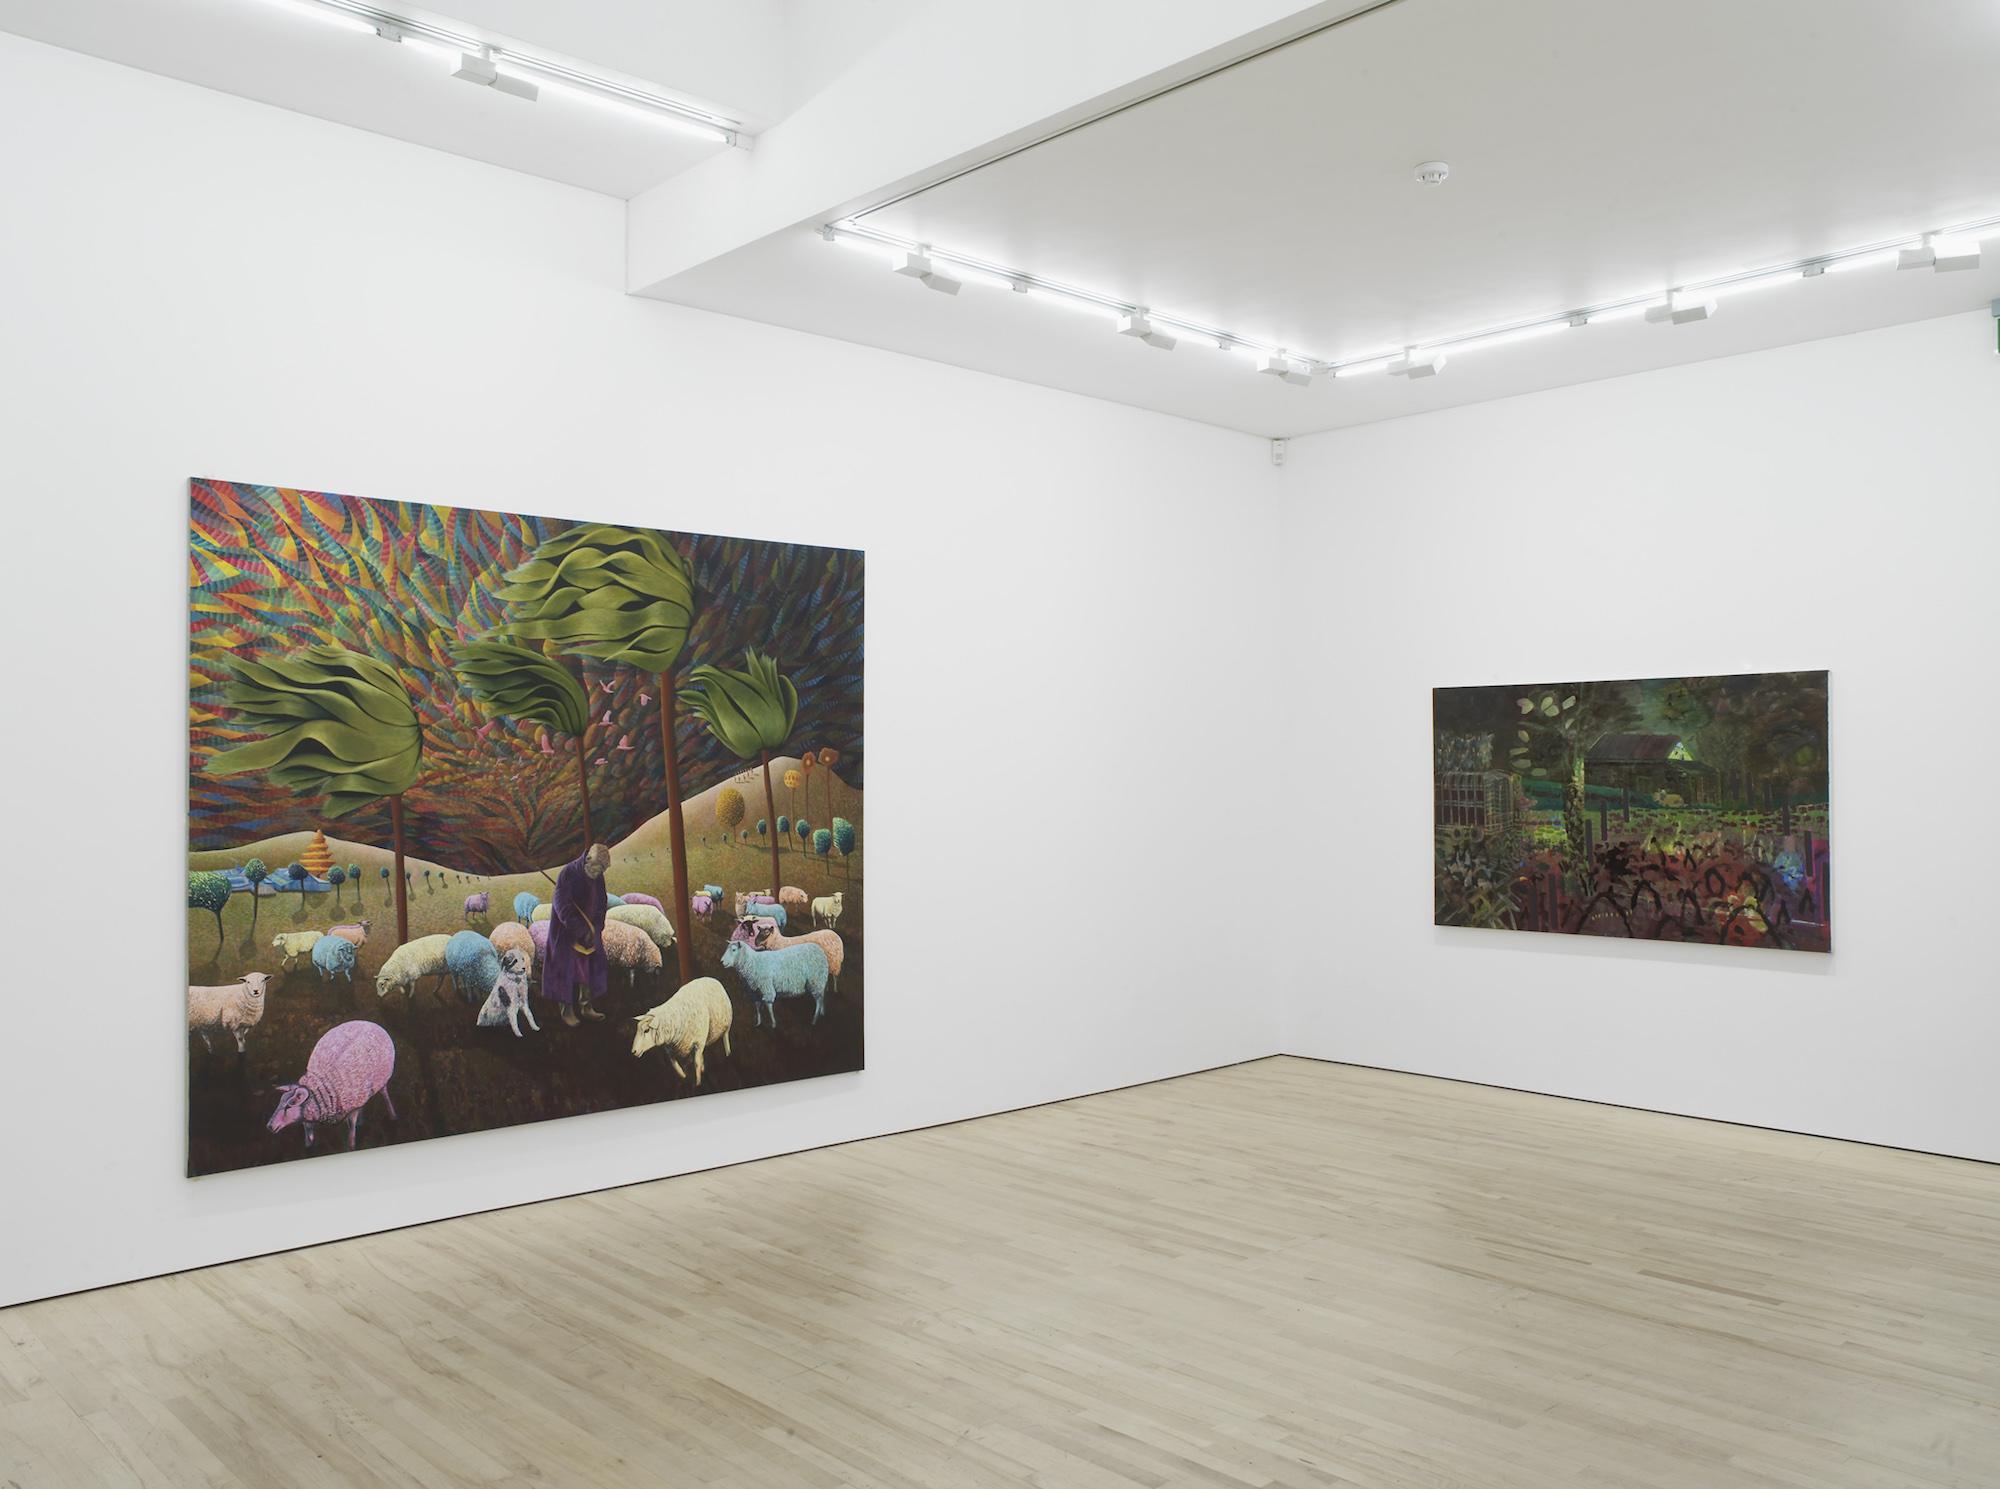 10 - David Brian Smith at Carl Freedman London